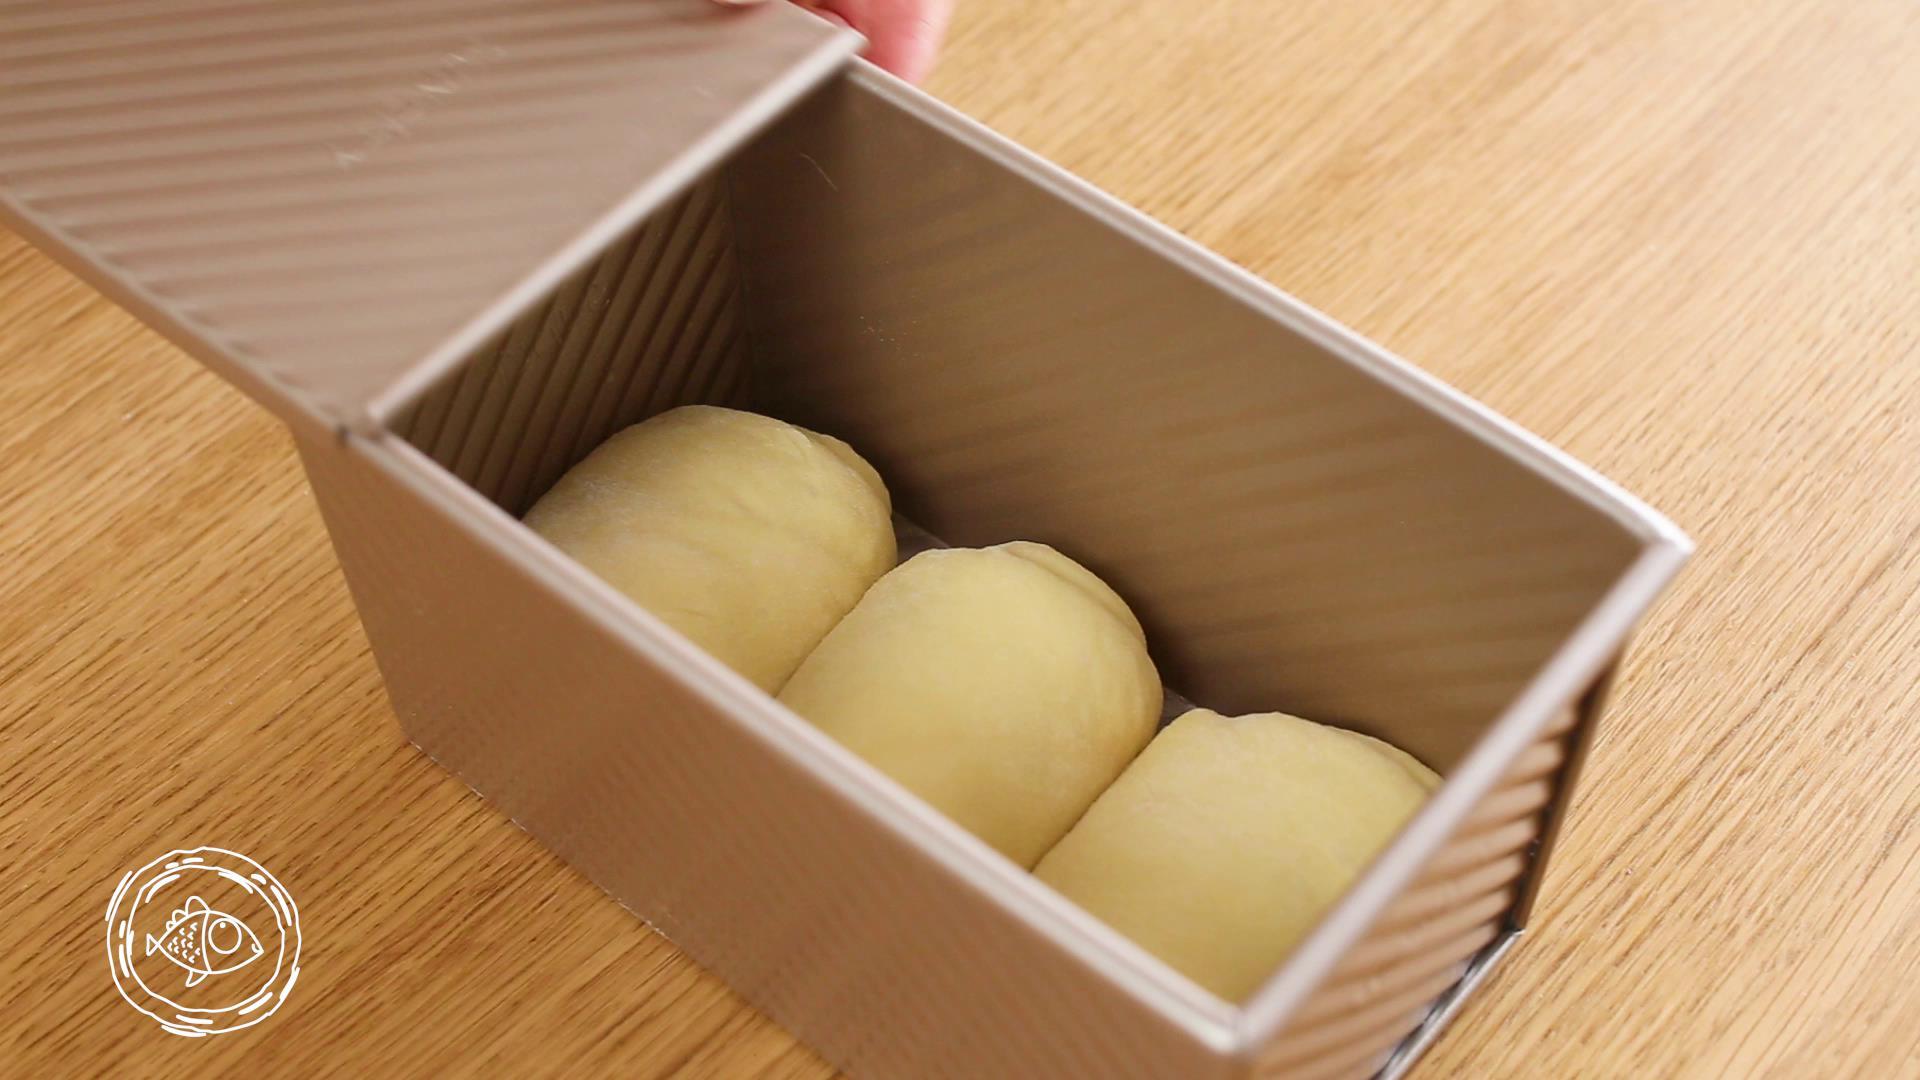 12m+原味吐司(宝宝辅食),放入土司盒</p> <p>